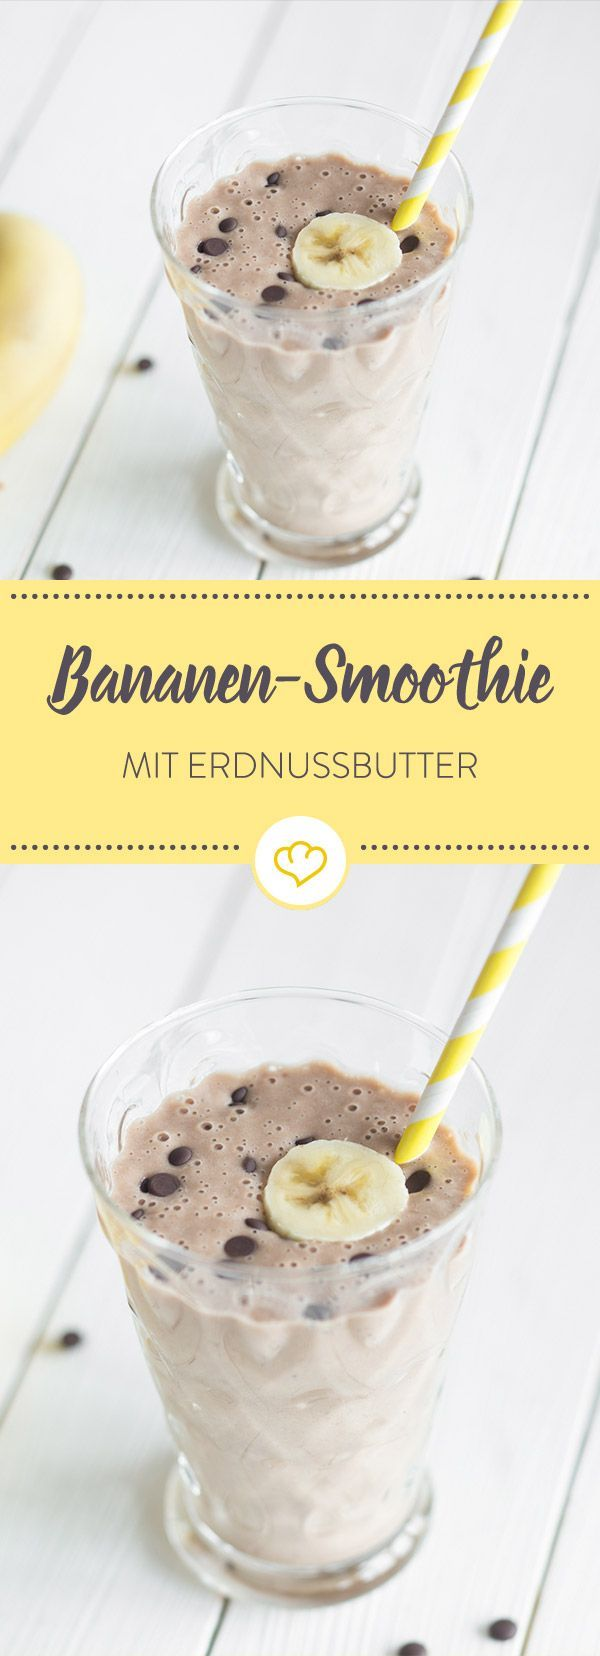 So lecker wie eine heiße Schokolade, so erfrischend wie ein kalter Kakao. On top: süße Bananen und cremige Erdnussbutter. Smoothie mit Suchtpotenzial! (Breakfast)